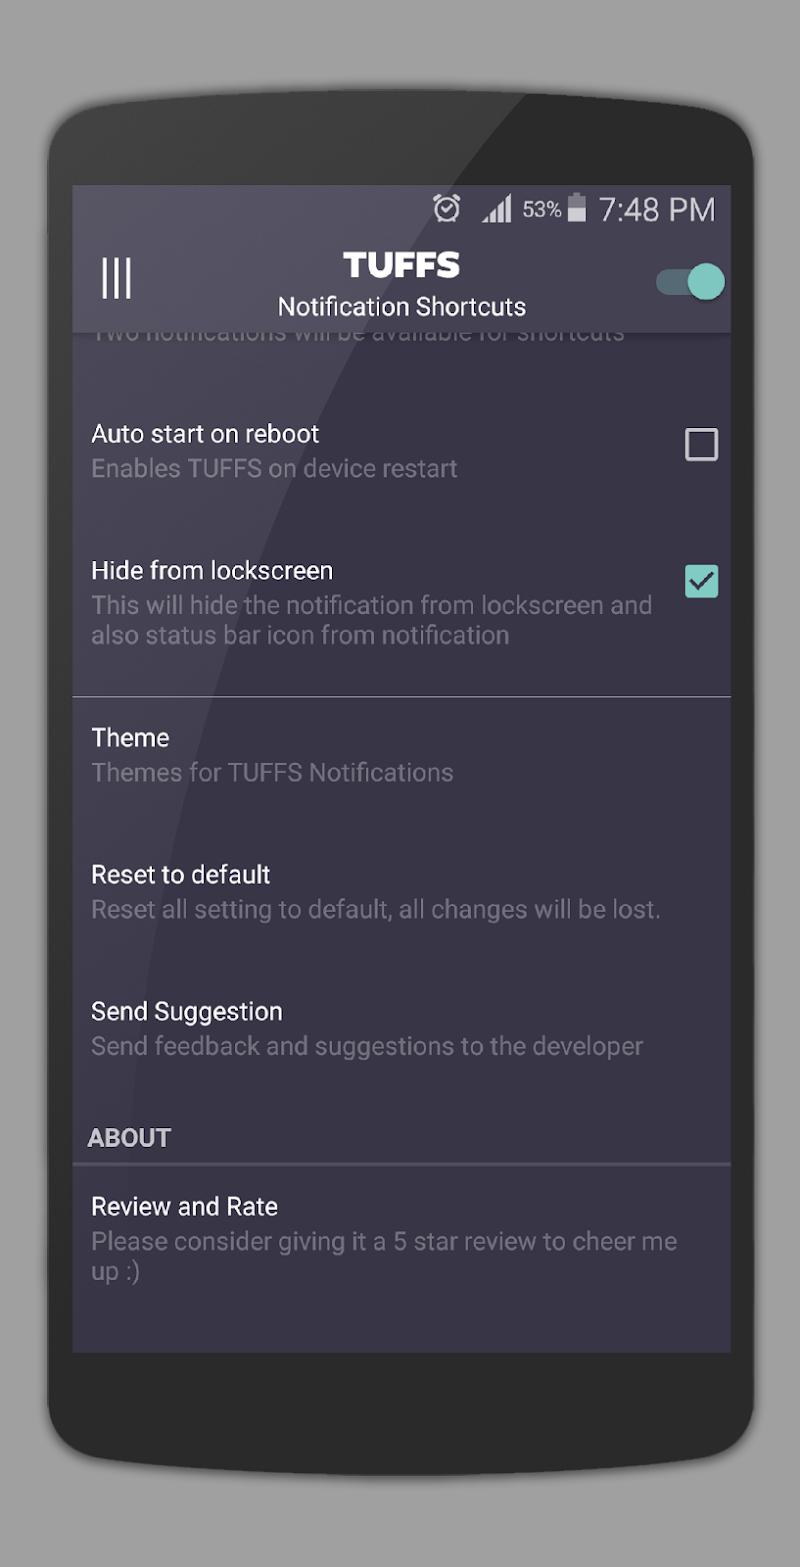 TUFFS Notification Shortcuts Screenshot 14